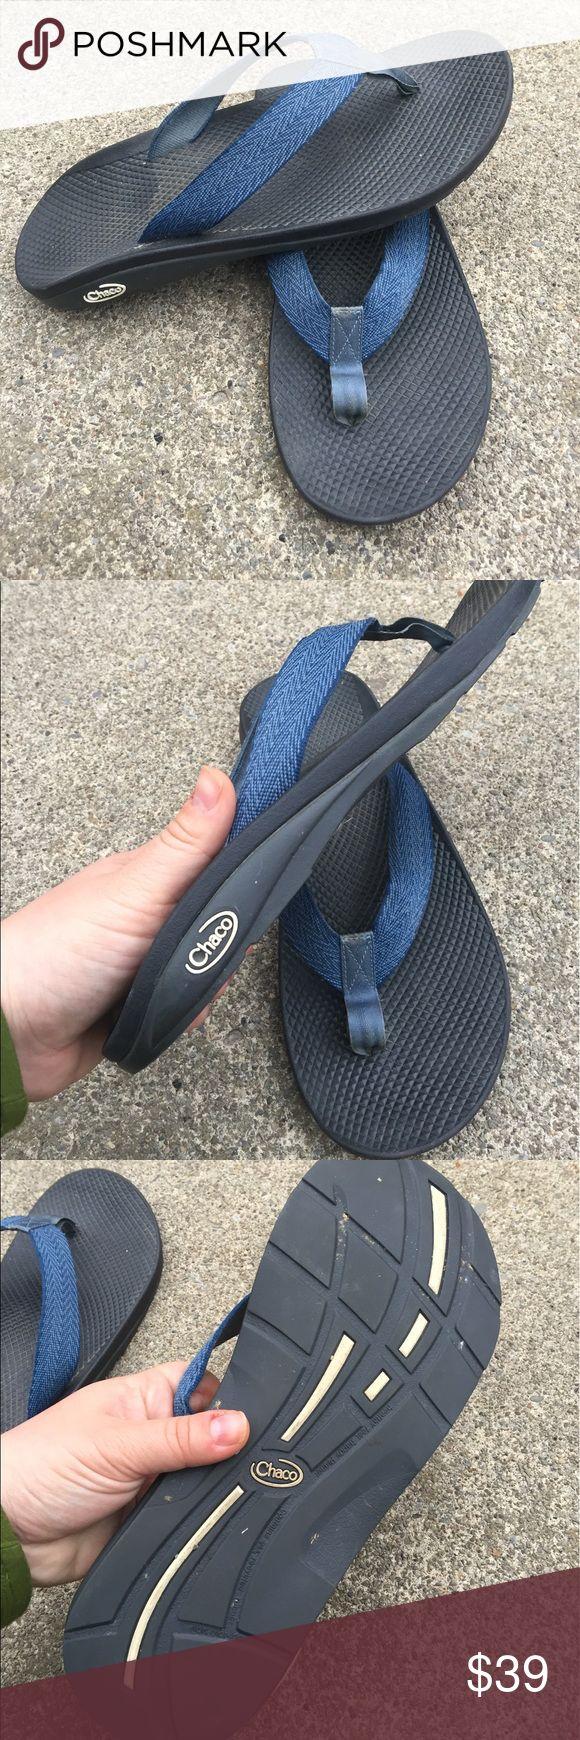 Men's Chaco Blue Flip Flop Sandals 10M Men's Chaco Blue Flip Flop Sandals 10M Chaco Shoes Sandals & Flip-Flops